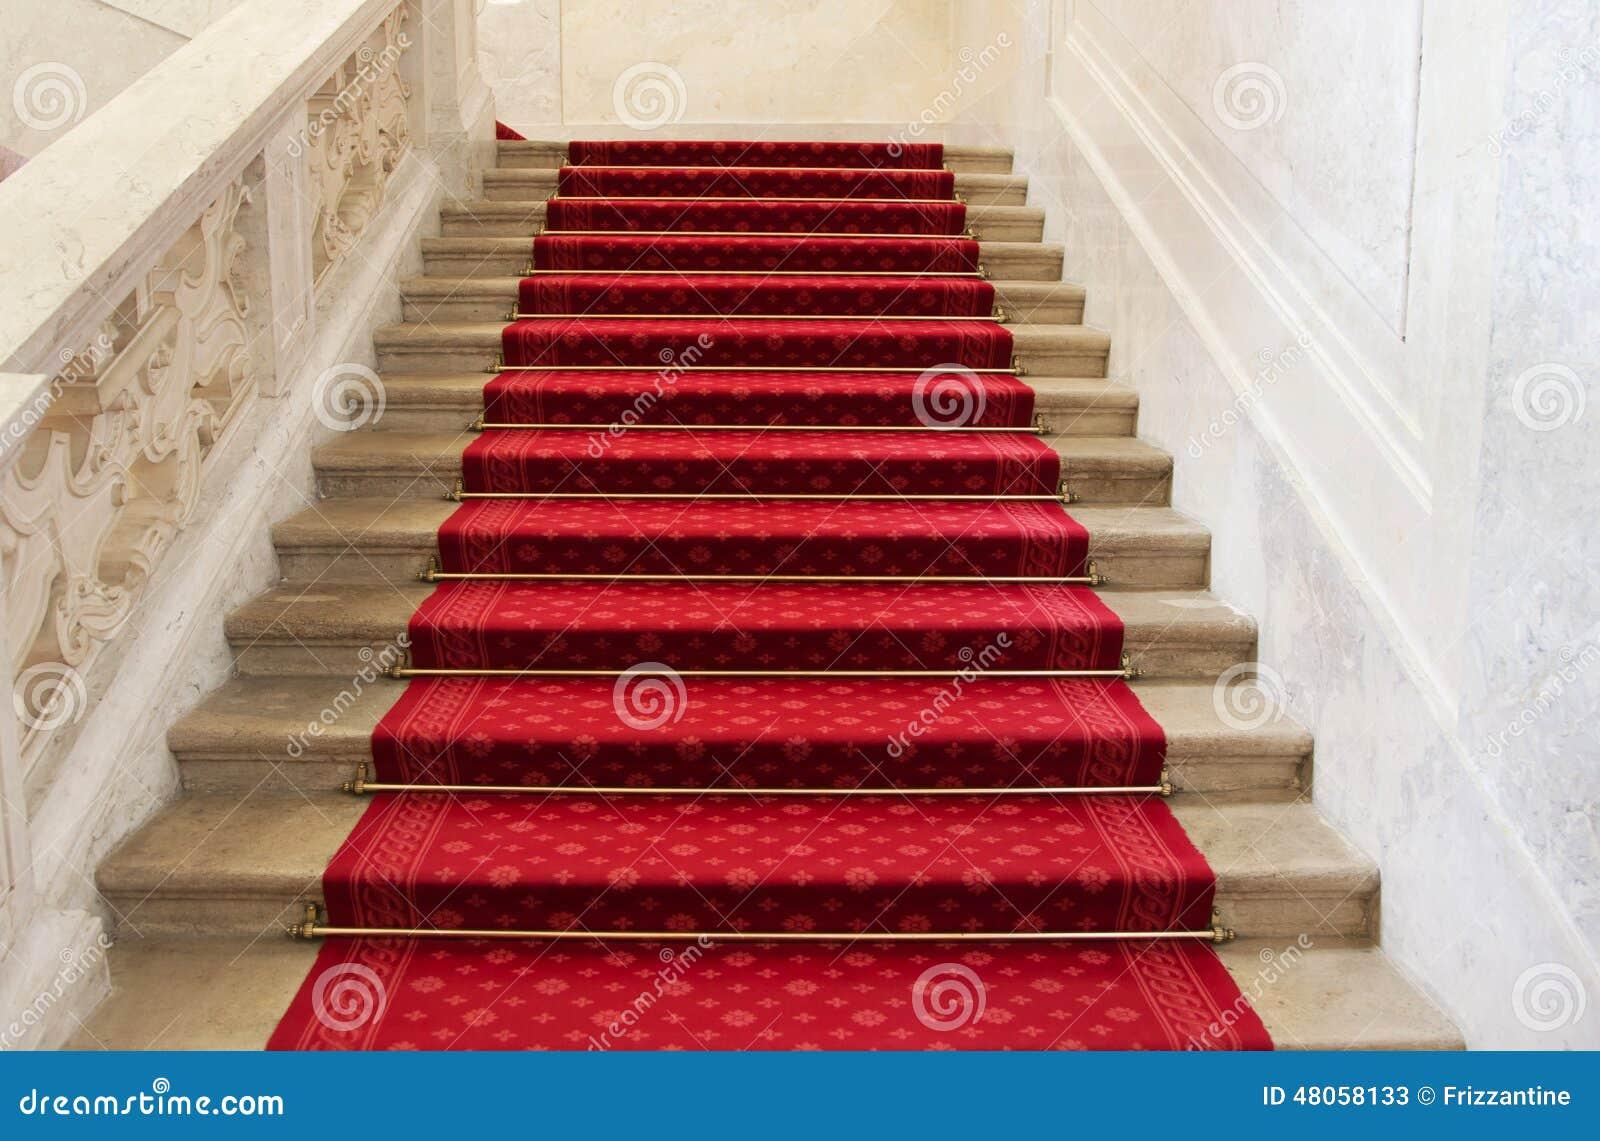 Alfombra roja en una escalera concepto o fondo para la - Alfombra para escalera ...